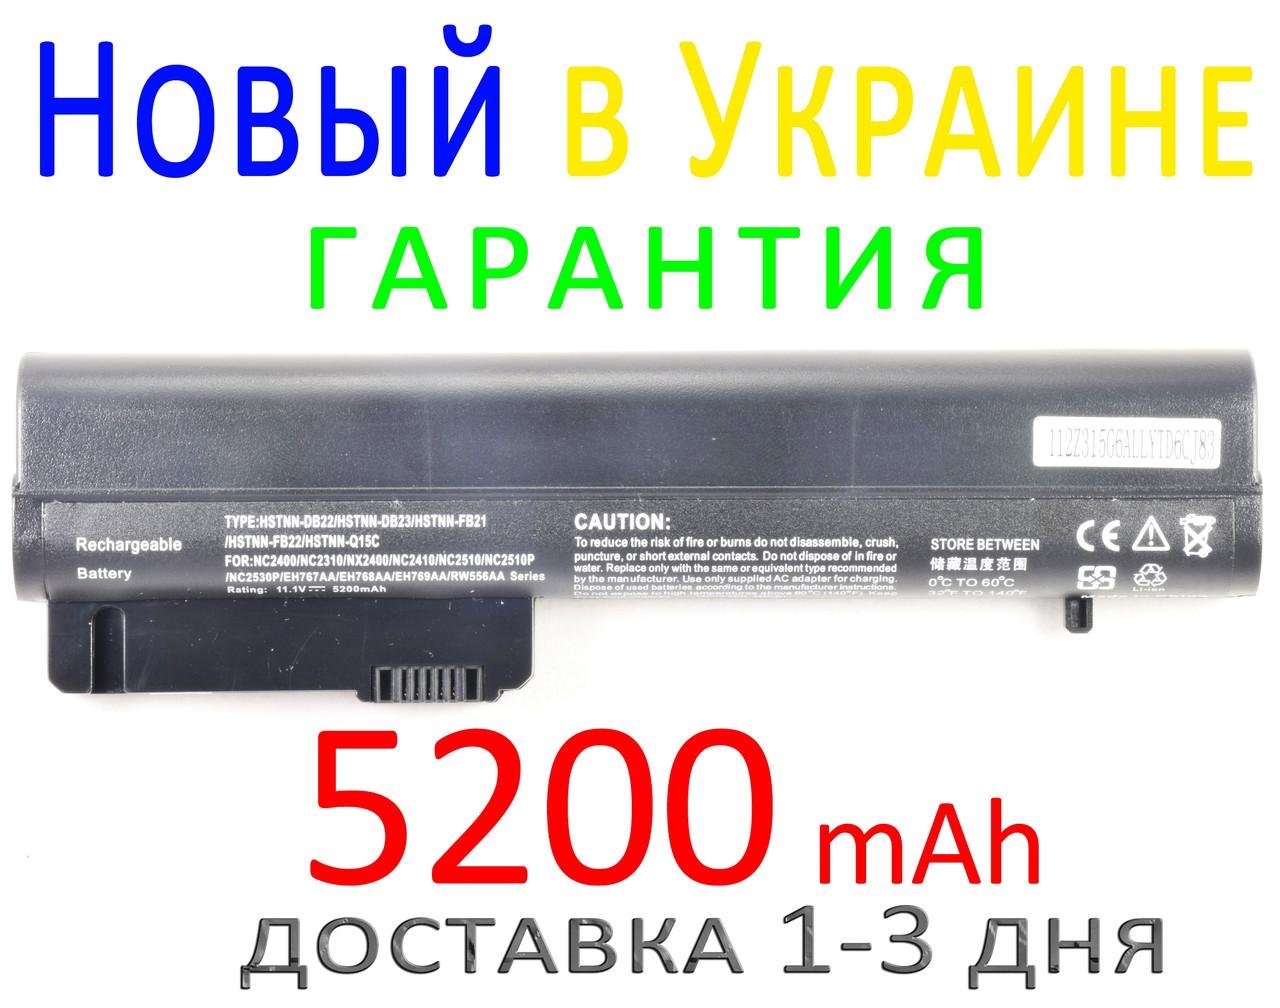 Аккумулятор батарея HP COMPAQ Business Notebook 2400 2510p nc2400 nc2410 EliteBook 2530p 2540p 2533t